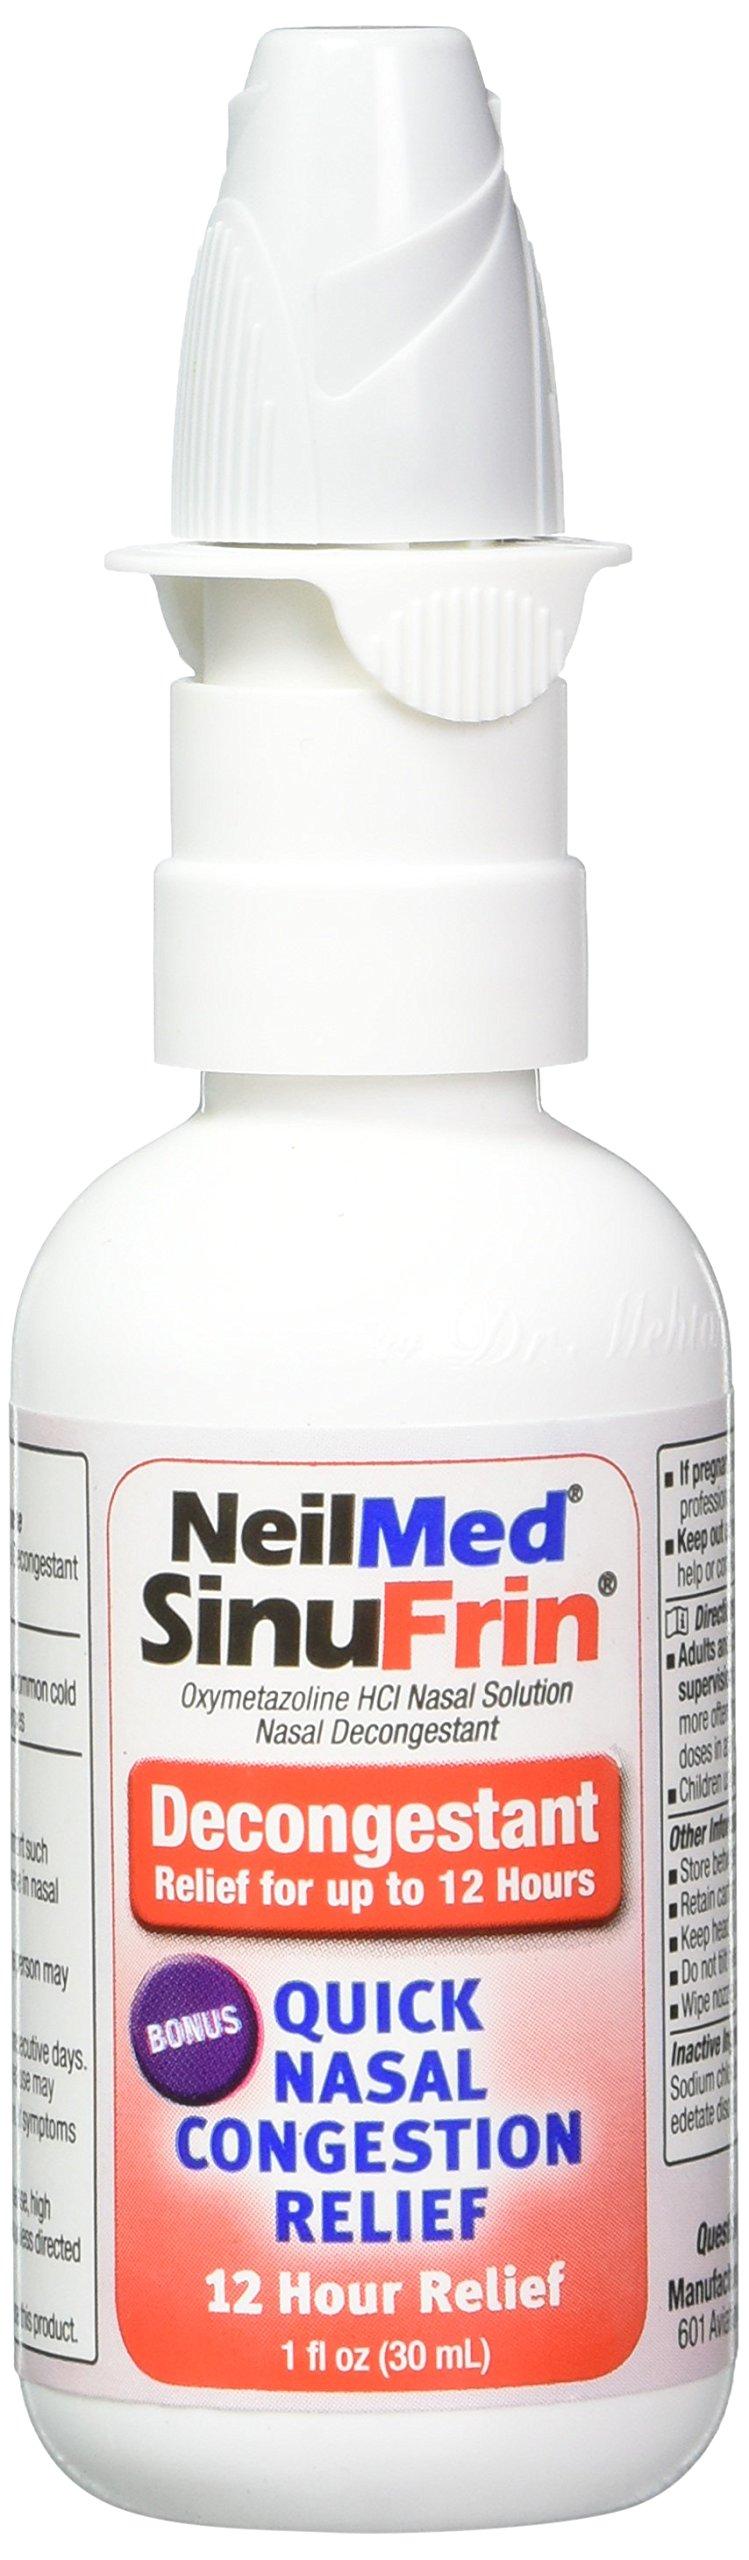 NeilMed Sinufrin Decongestant Relief Spray, 2 Count